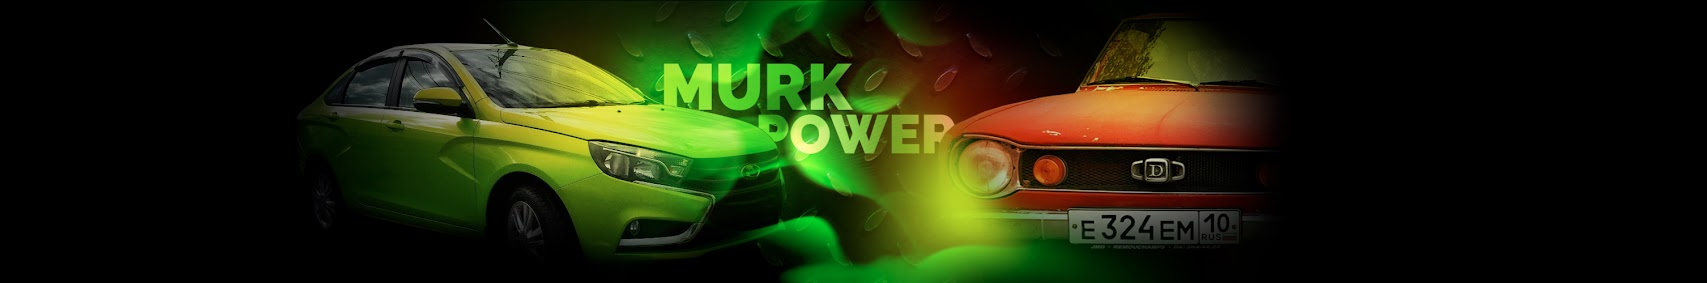 MURK POWER